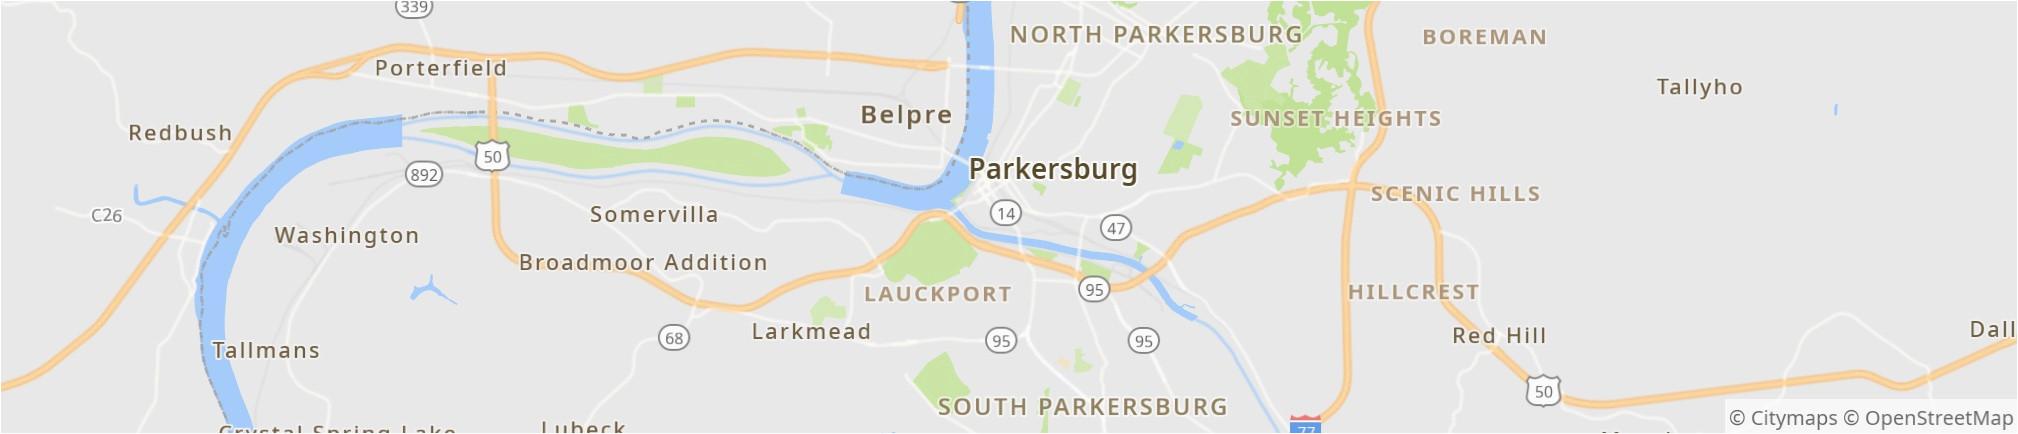 parkersburg 2019 best of parkersburg wv tourism tripadvisor